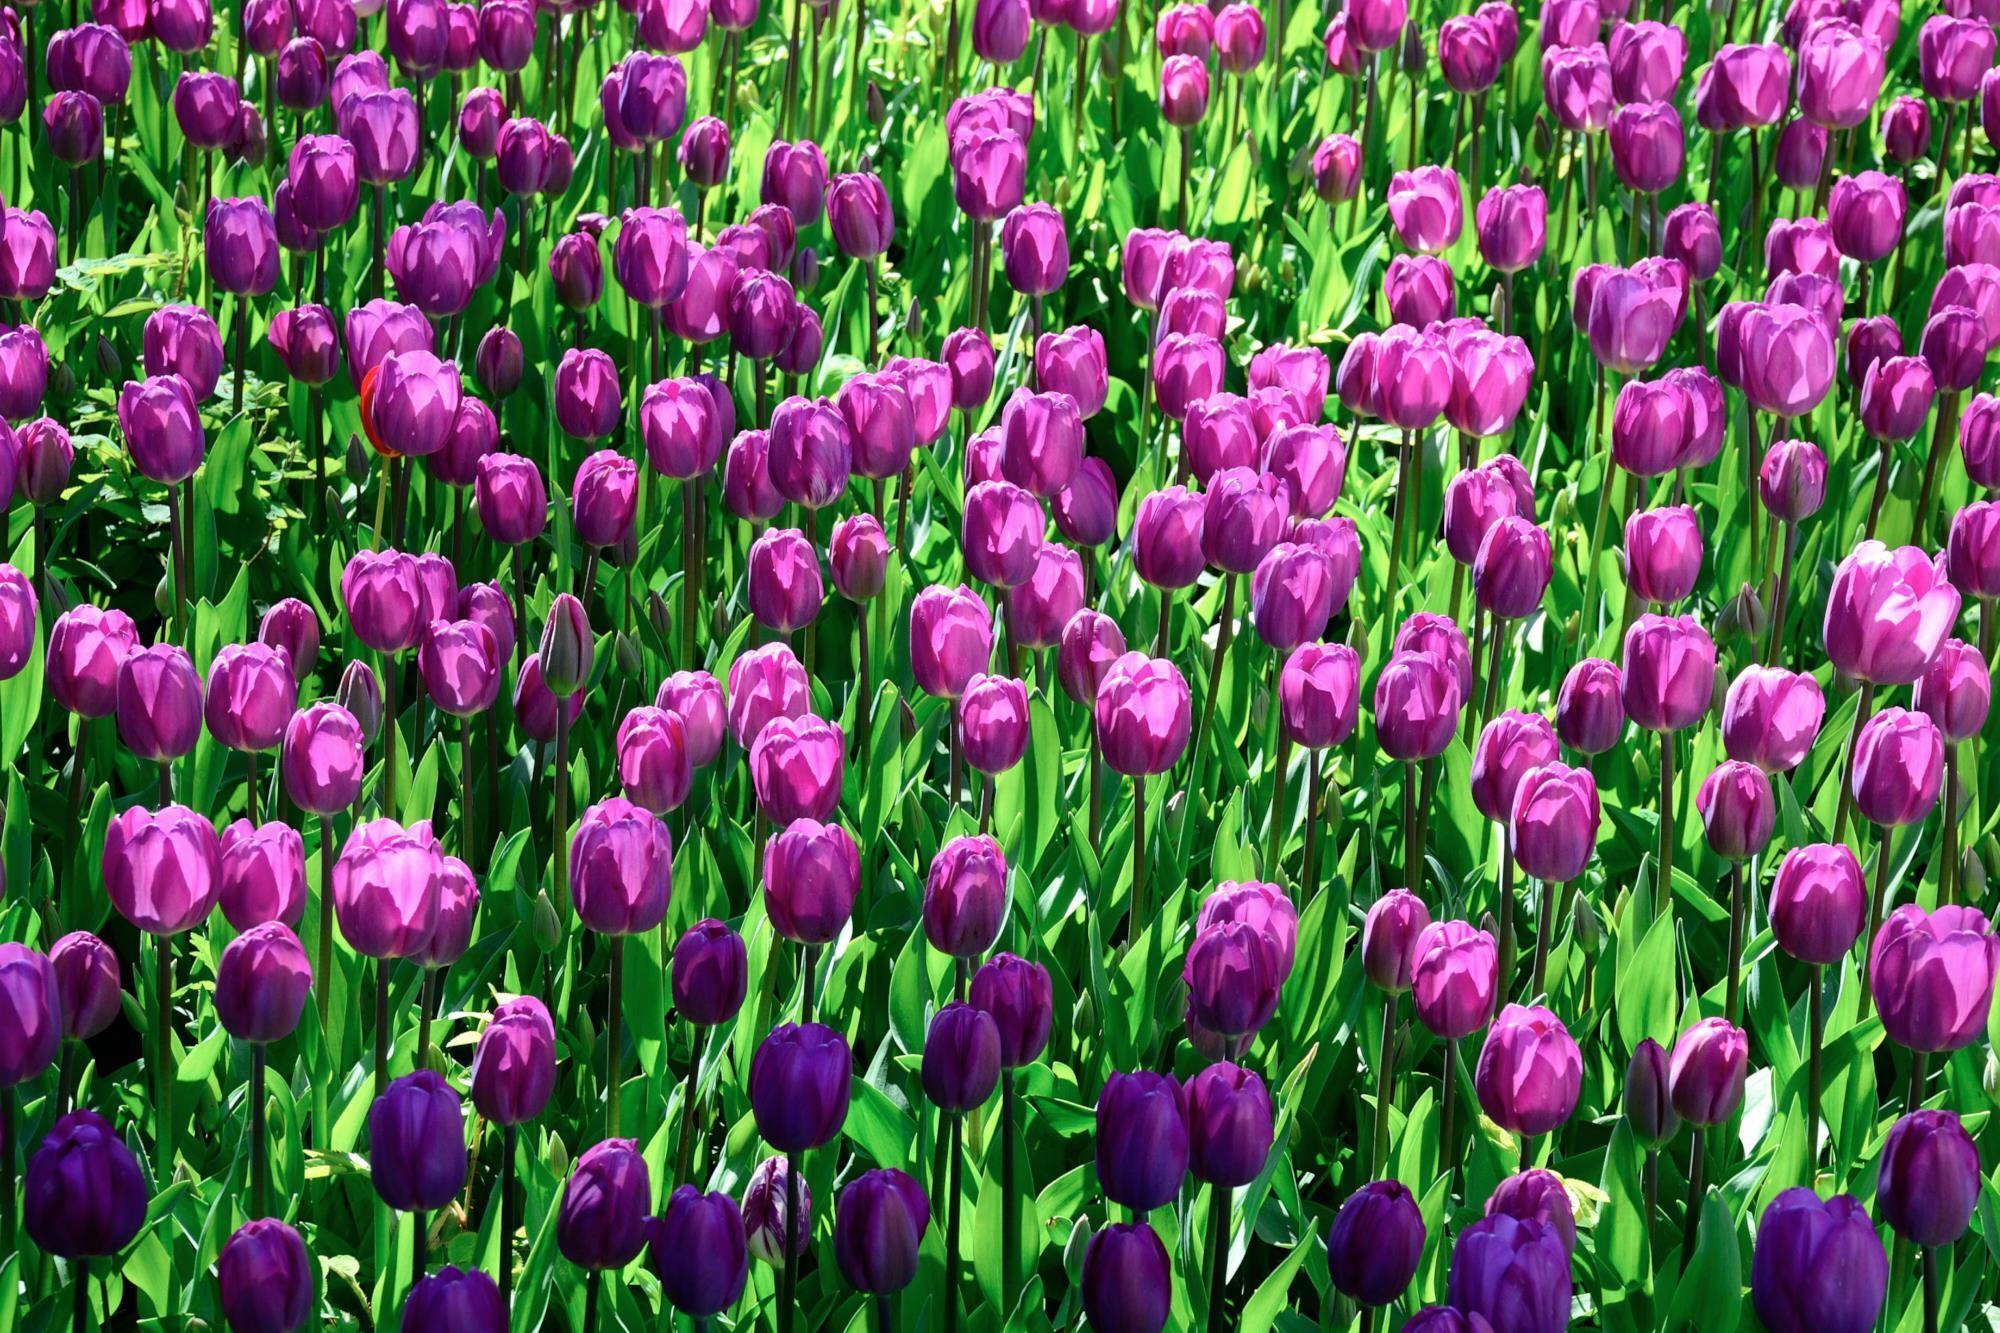 field-of-tulips.jpg